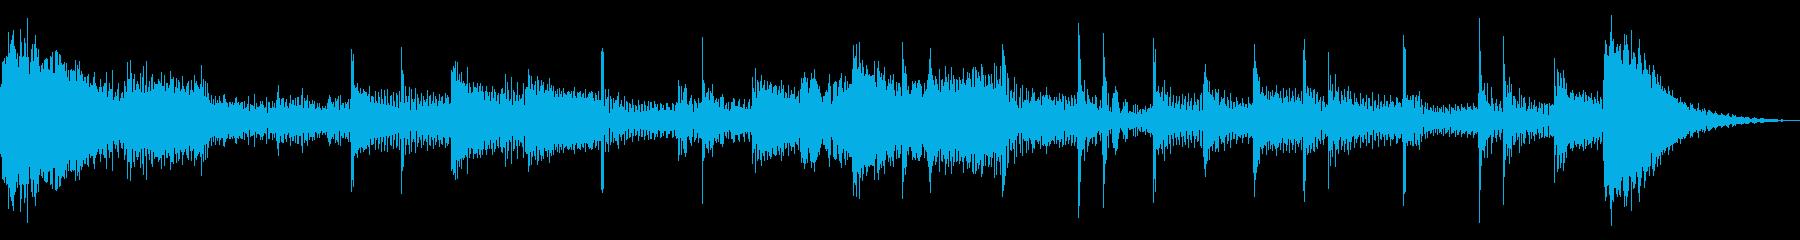 ダークなEDM風のジングルの再生済みの波形